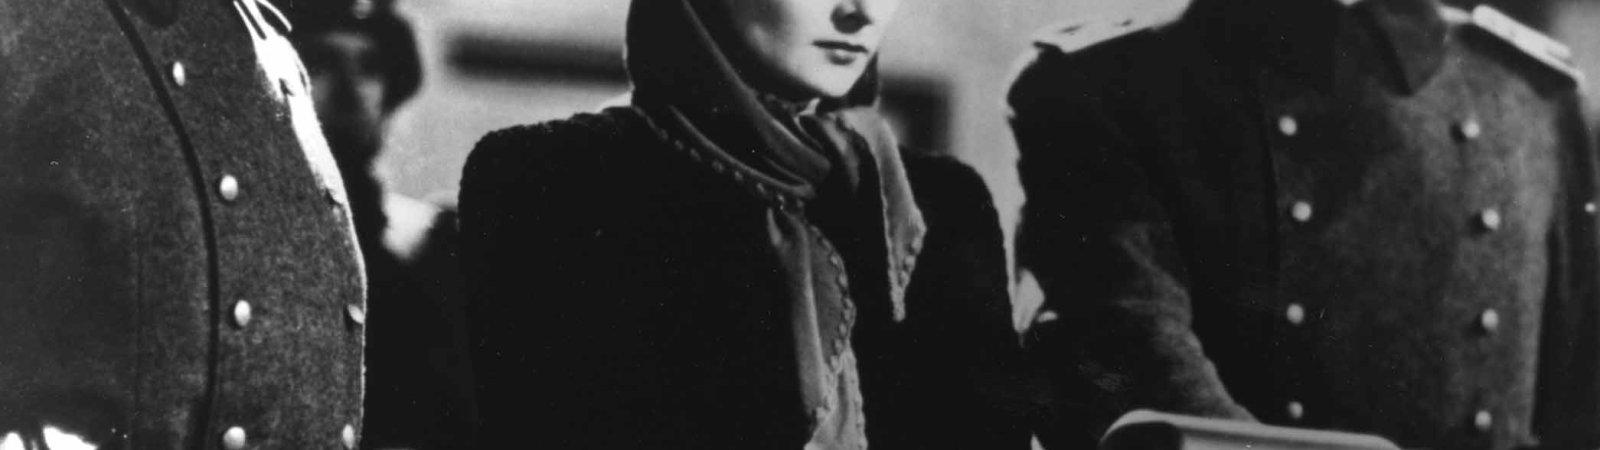 Photo dernier film Ernst Lubitsch